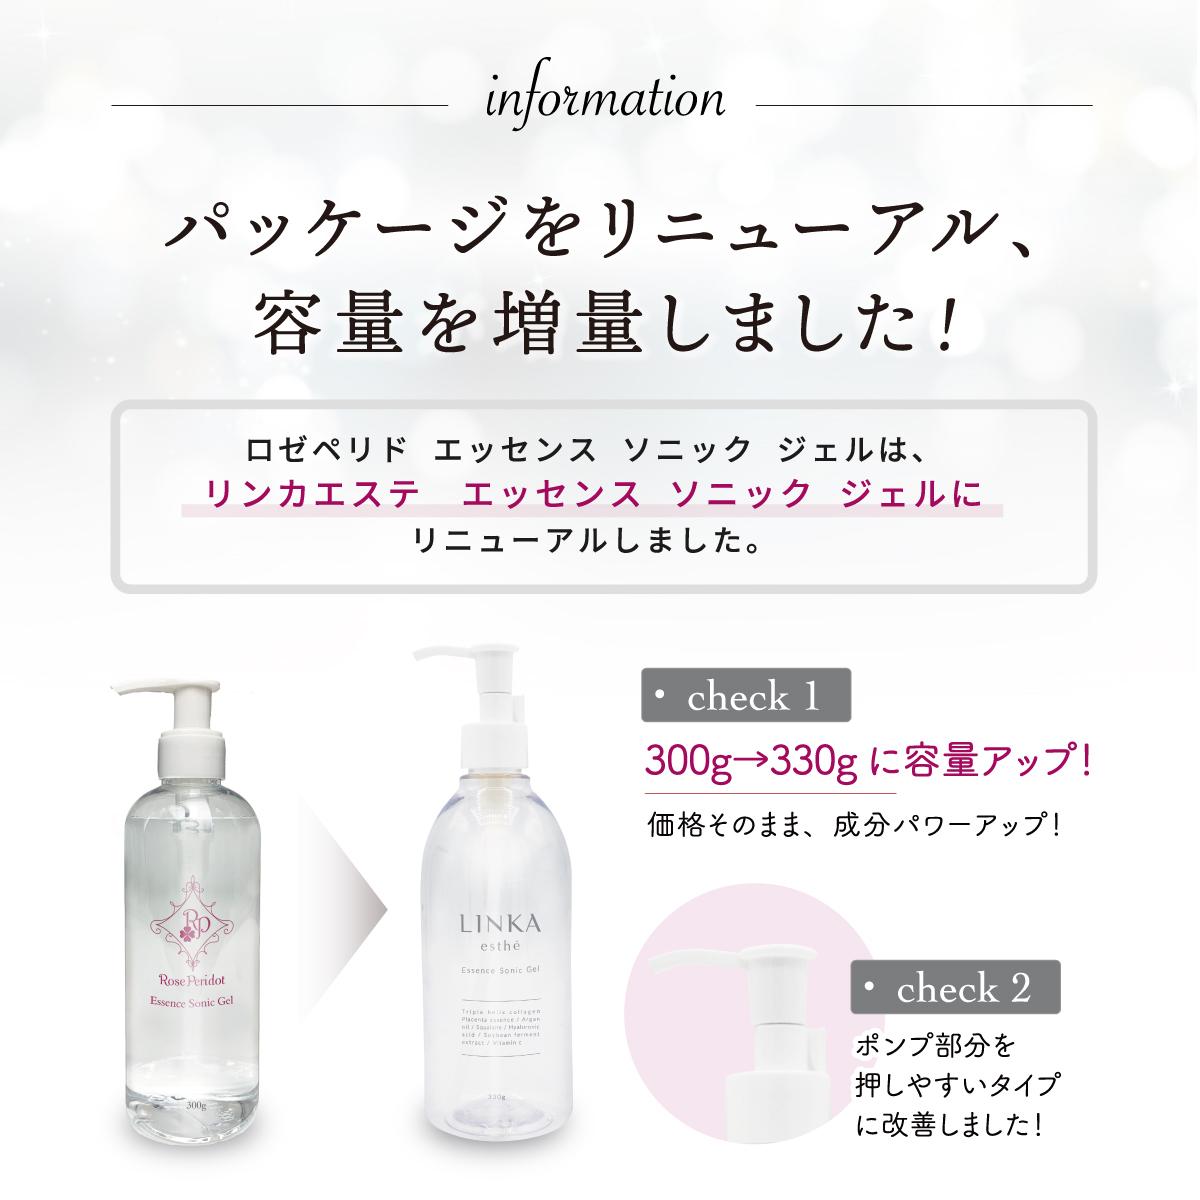 【ロゼぺリド】 フェイシャルソニックジェル  2本セット